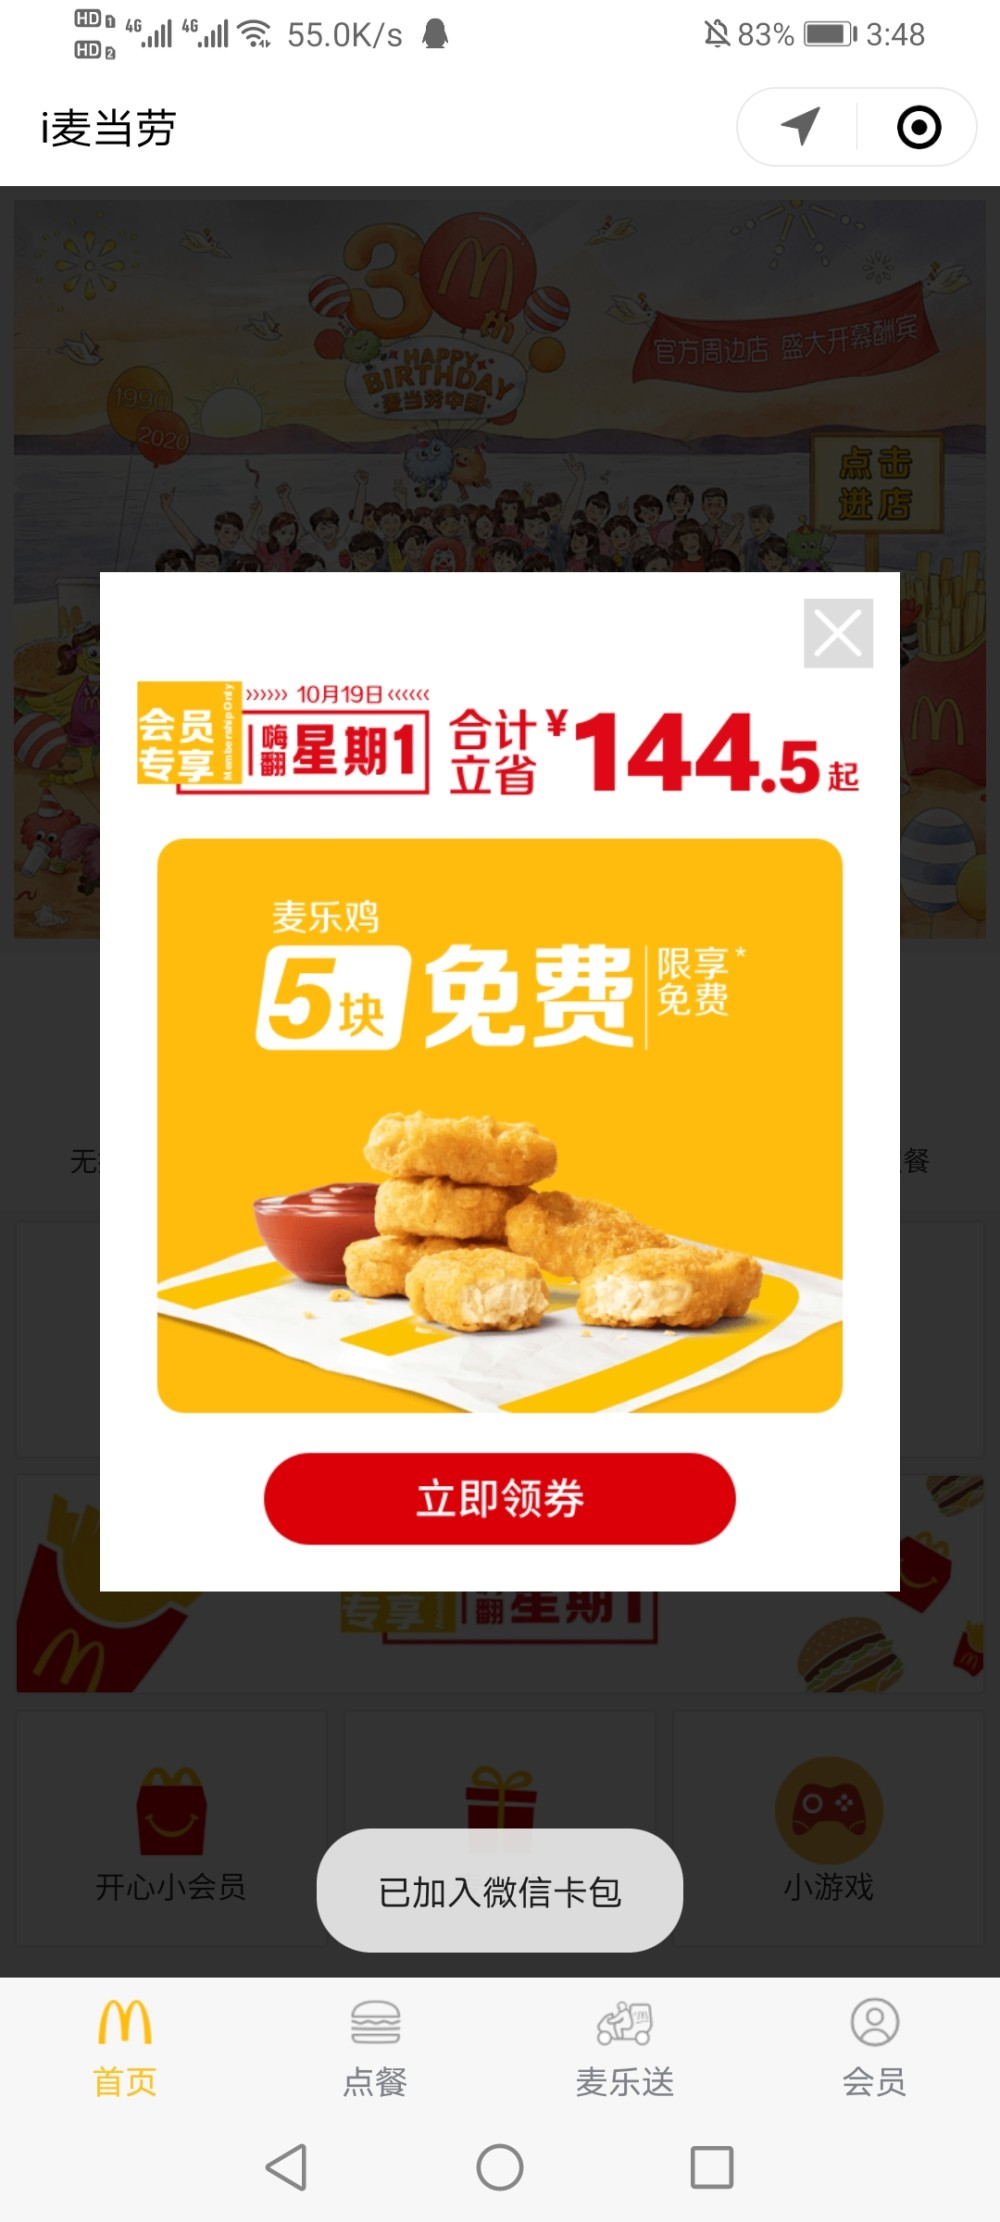 图片[1]-麦当劳免费吃5块鸡块-飞享资源网